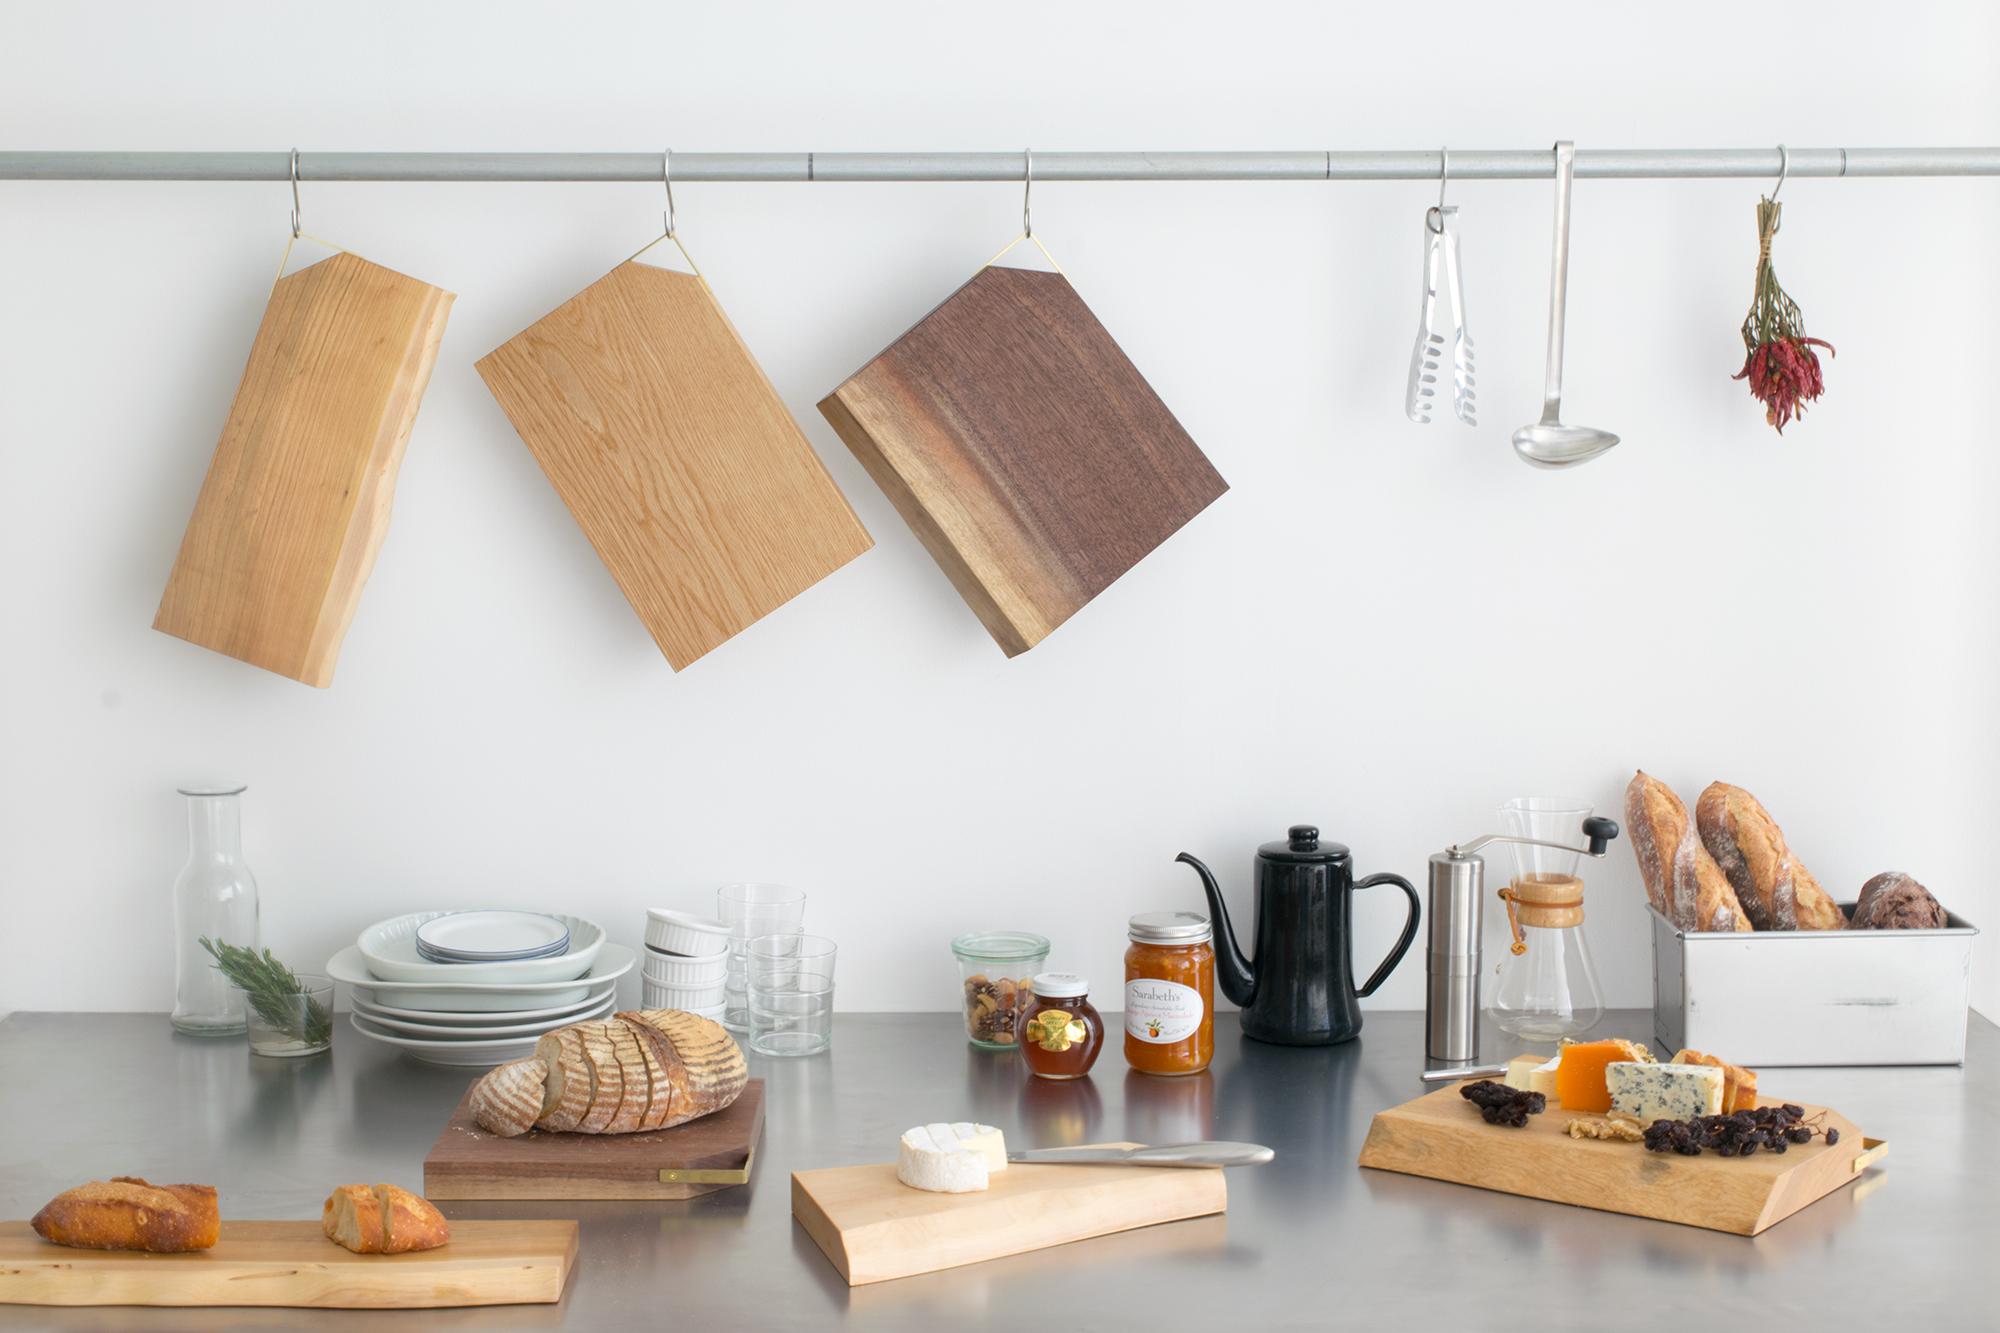 kittaki cutting board キッチンでの使用イメージ